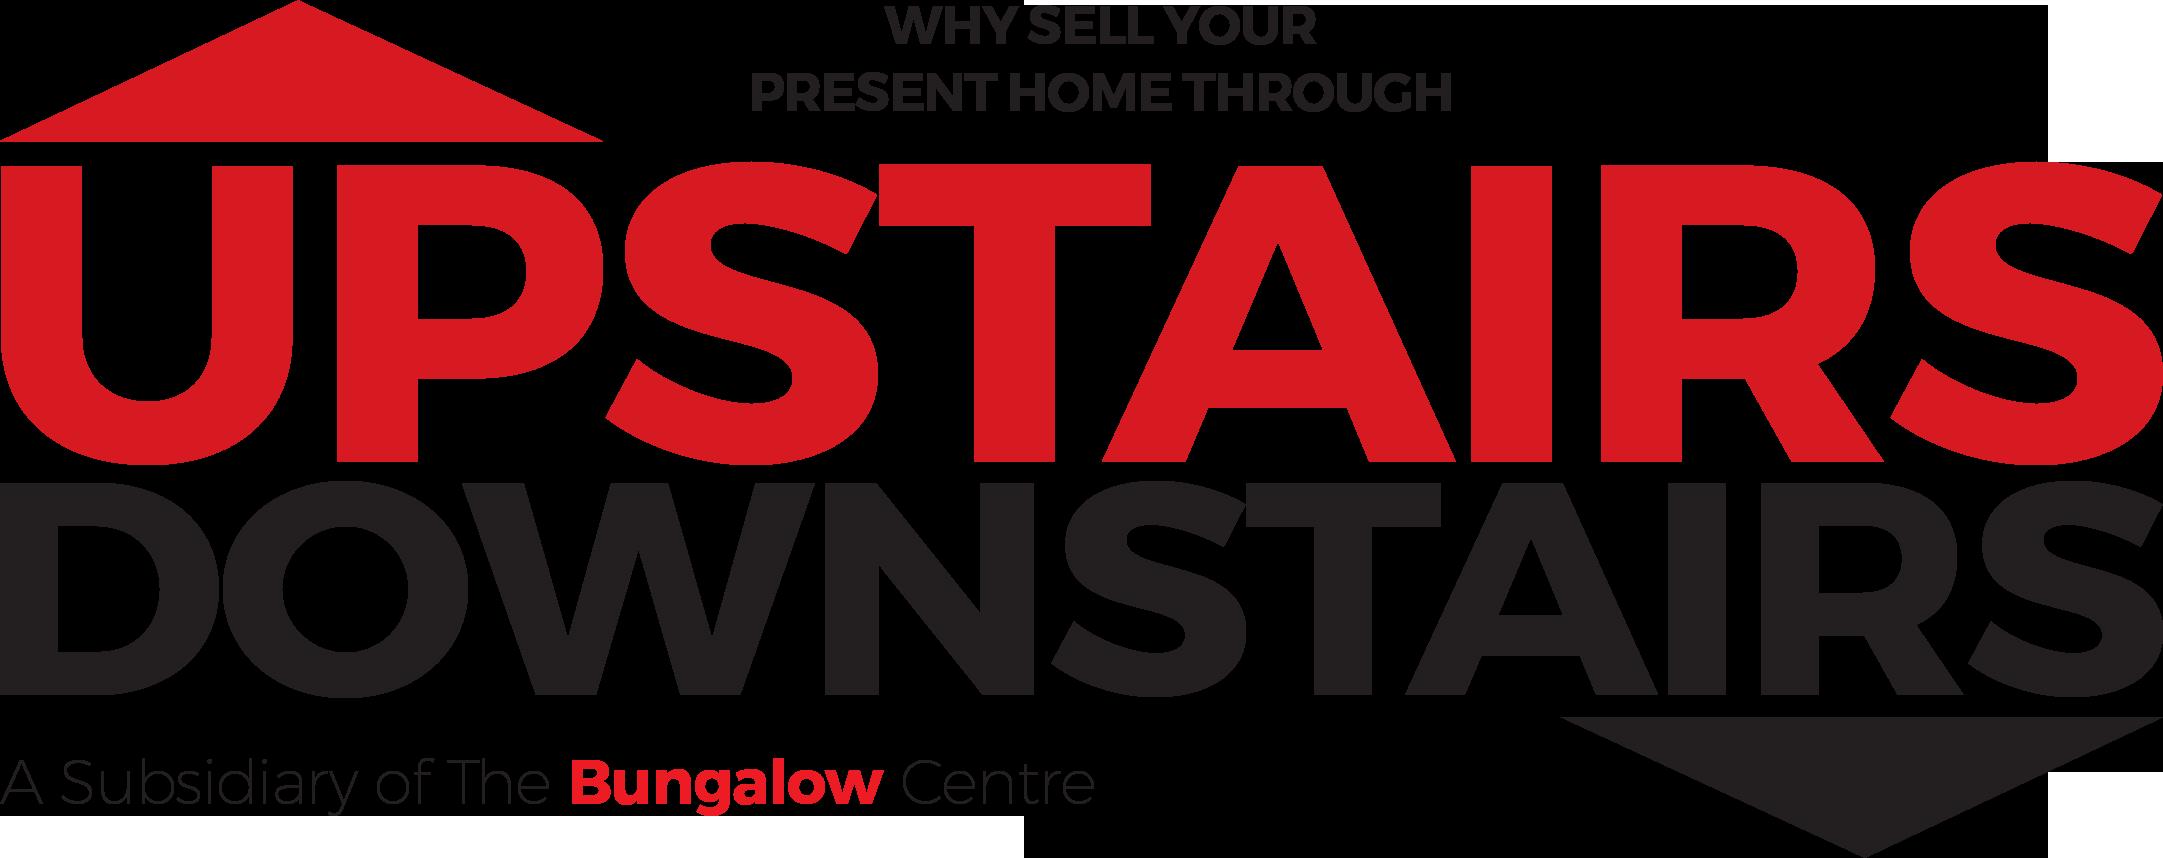 upstairs-downstairs-logo